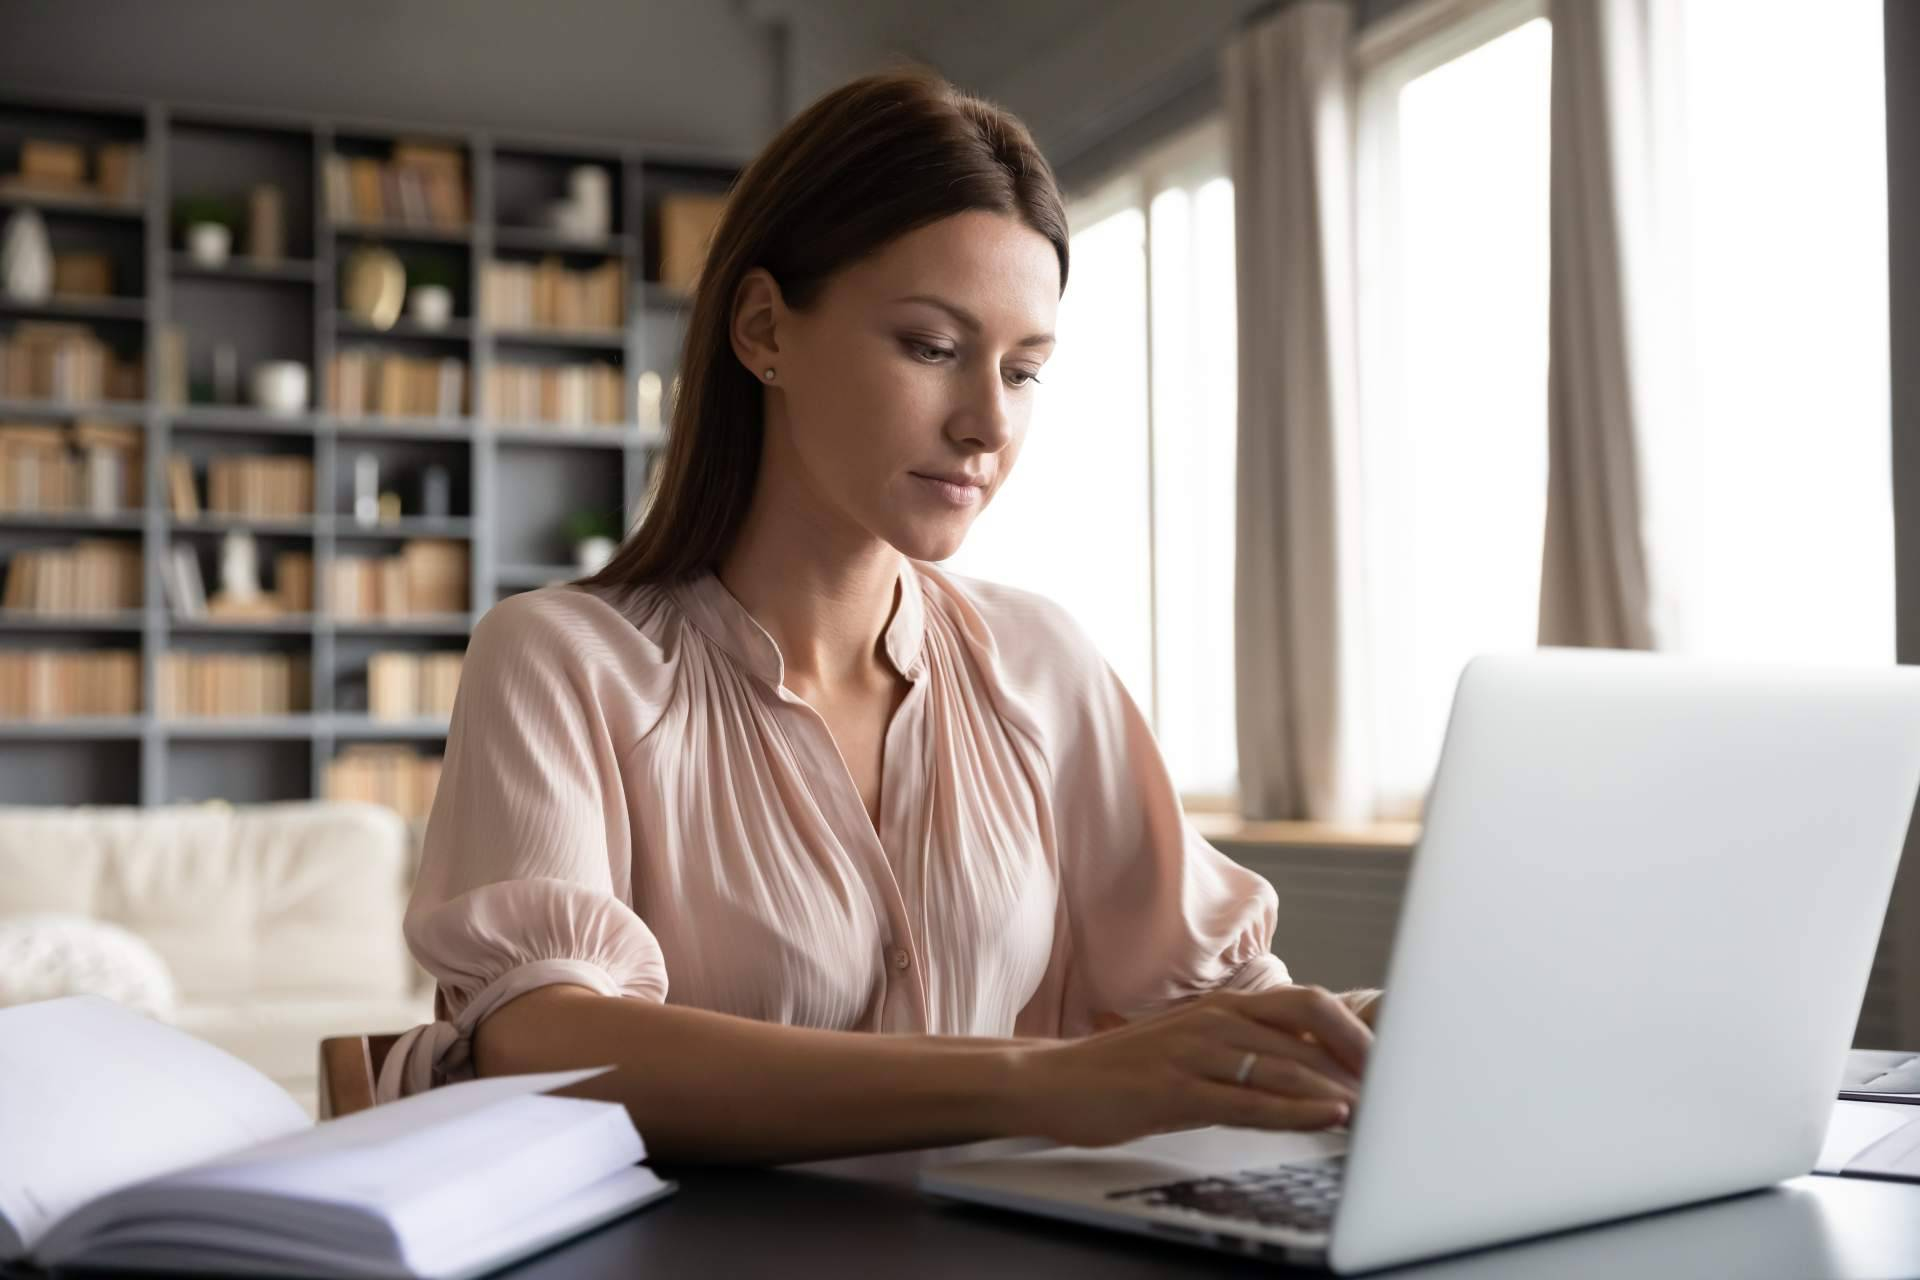 Academia Alto Rendimiento ofrece asesoramiento a aquellas personas que quieran escribir y autopublicar un libro, guía o manual